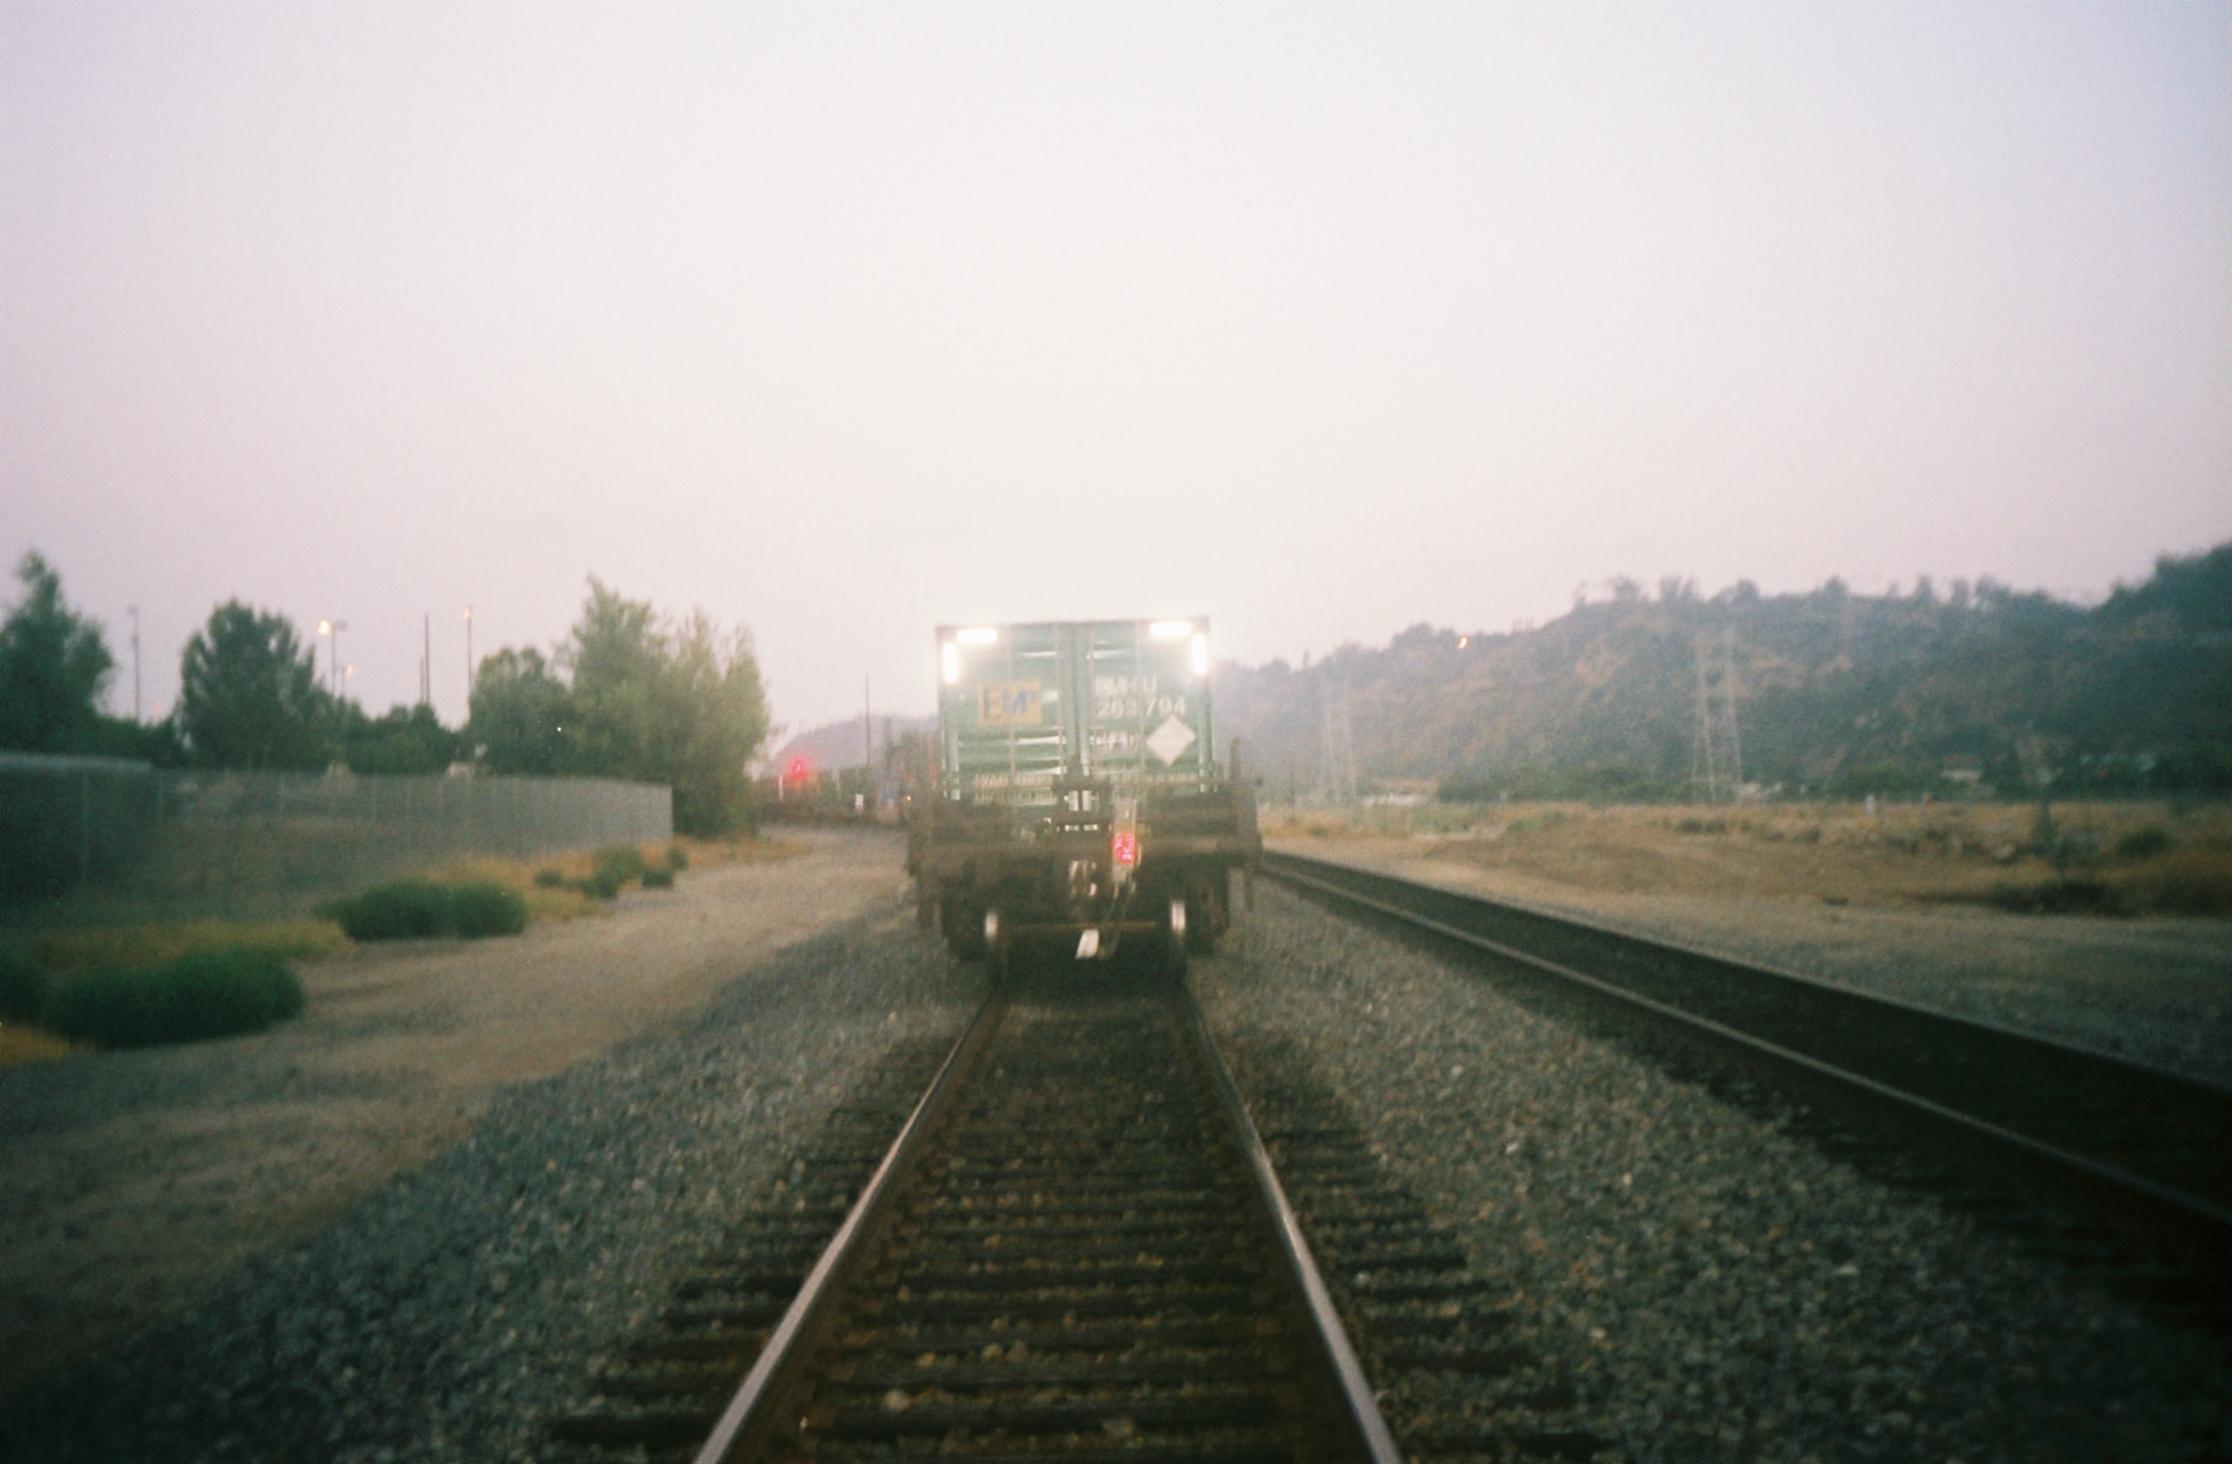 197500-R1-E025.jpg